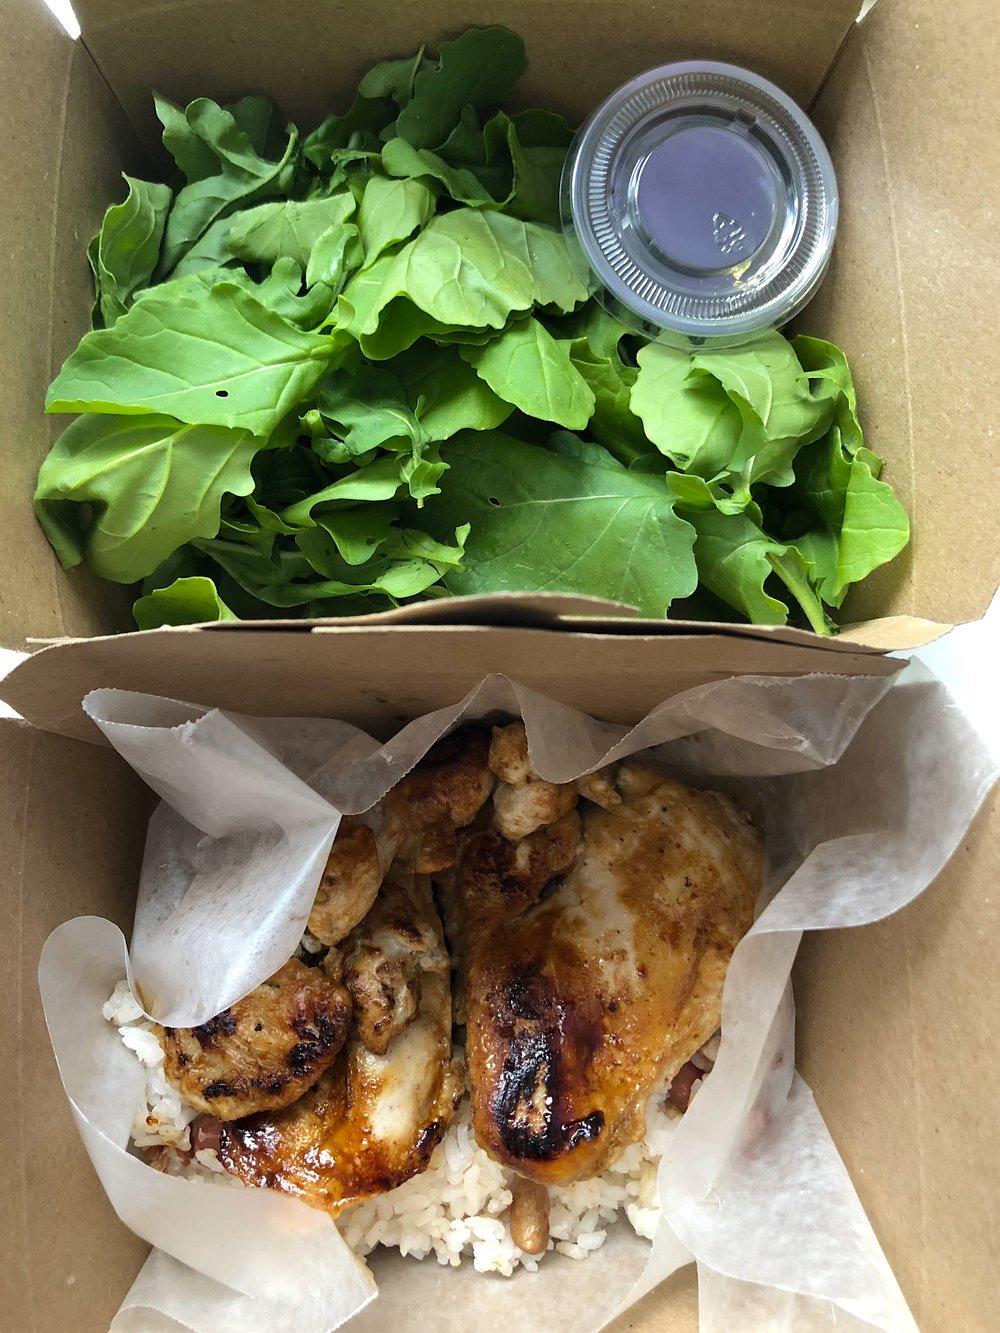 Lunch para avión: pollo al vino, arroz japonés con frejolito tierno, rúcula con aderezo.